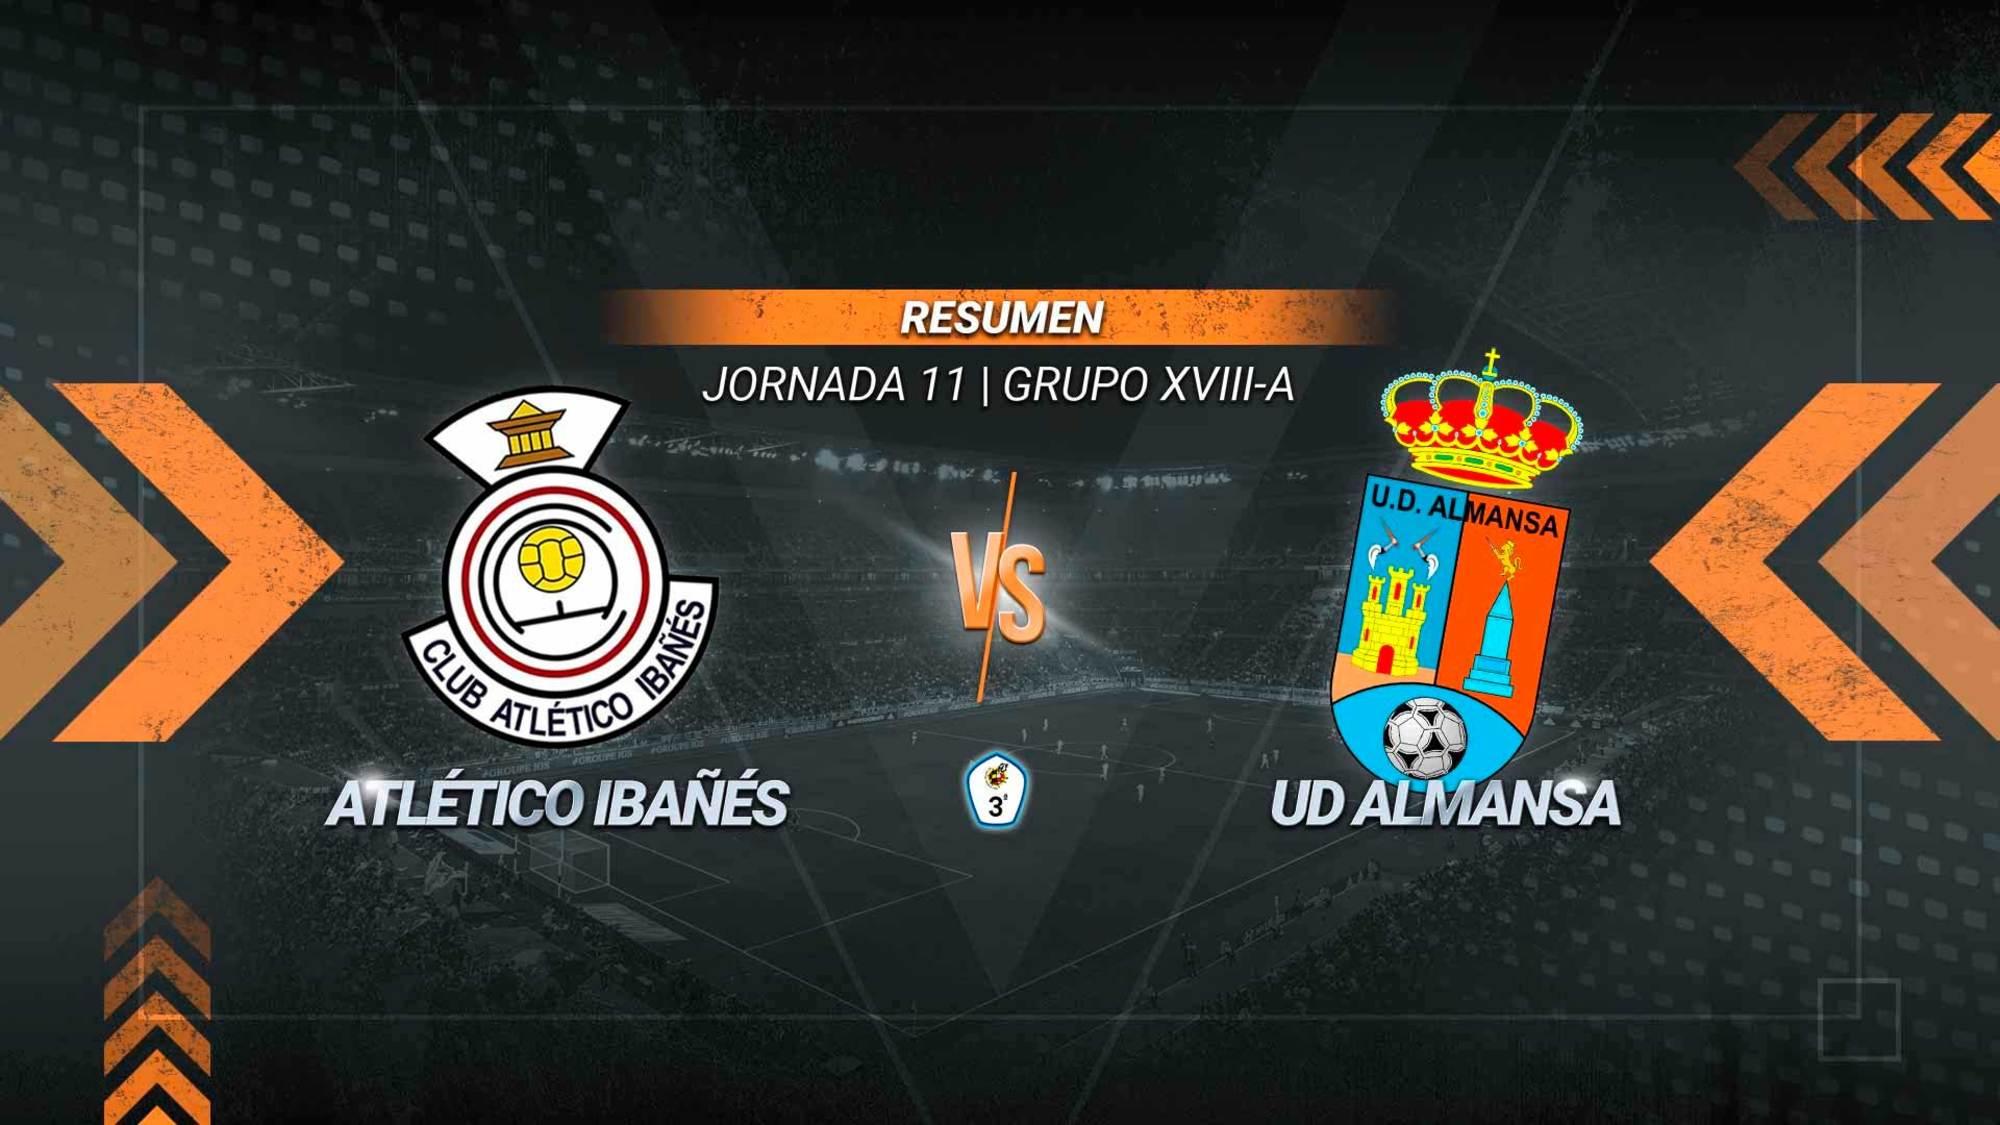 Carrasco aparece y el Atlético Ibañés se estrena en el Municipal. Su gol en el tramo final permite a los de Casas Ibáñez sumar el primer triunfo de la temporada en casa y alcanzar los 10 puntos. El Almansa se queda con 11.